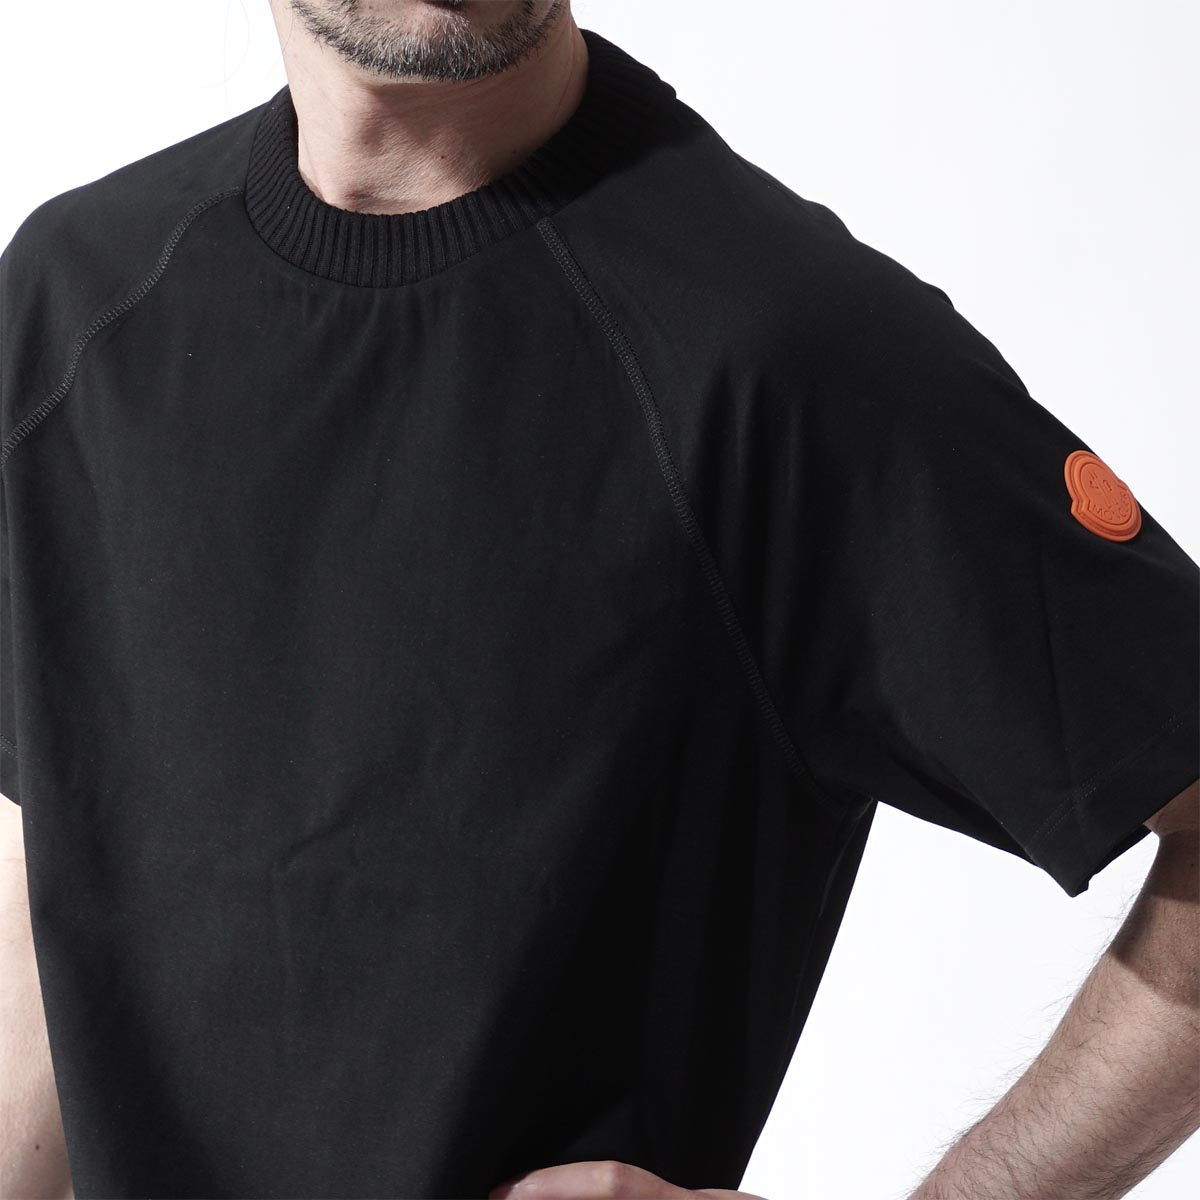 僧侣轨道O MONCLER O圆领针织T恤顶端人短袖棉布